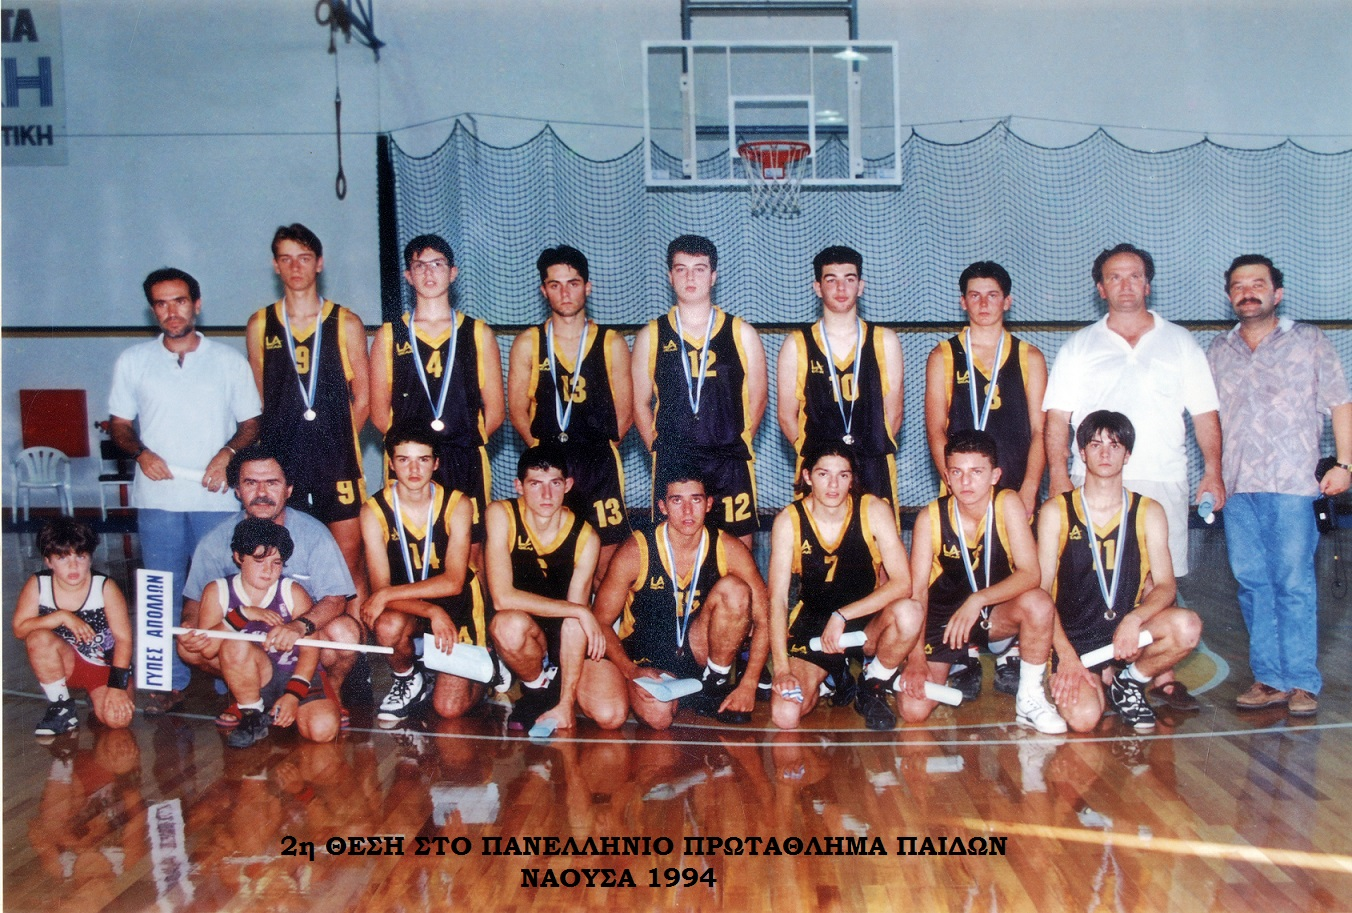 ΠΑΝΕΛΛΗΝΙΟ ΠΑΙΔΩΝ 1994 ΝΑΟΥΣΑ 2οι στην ΕΛΛΑΔΑ